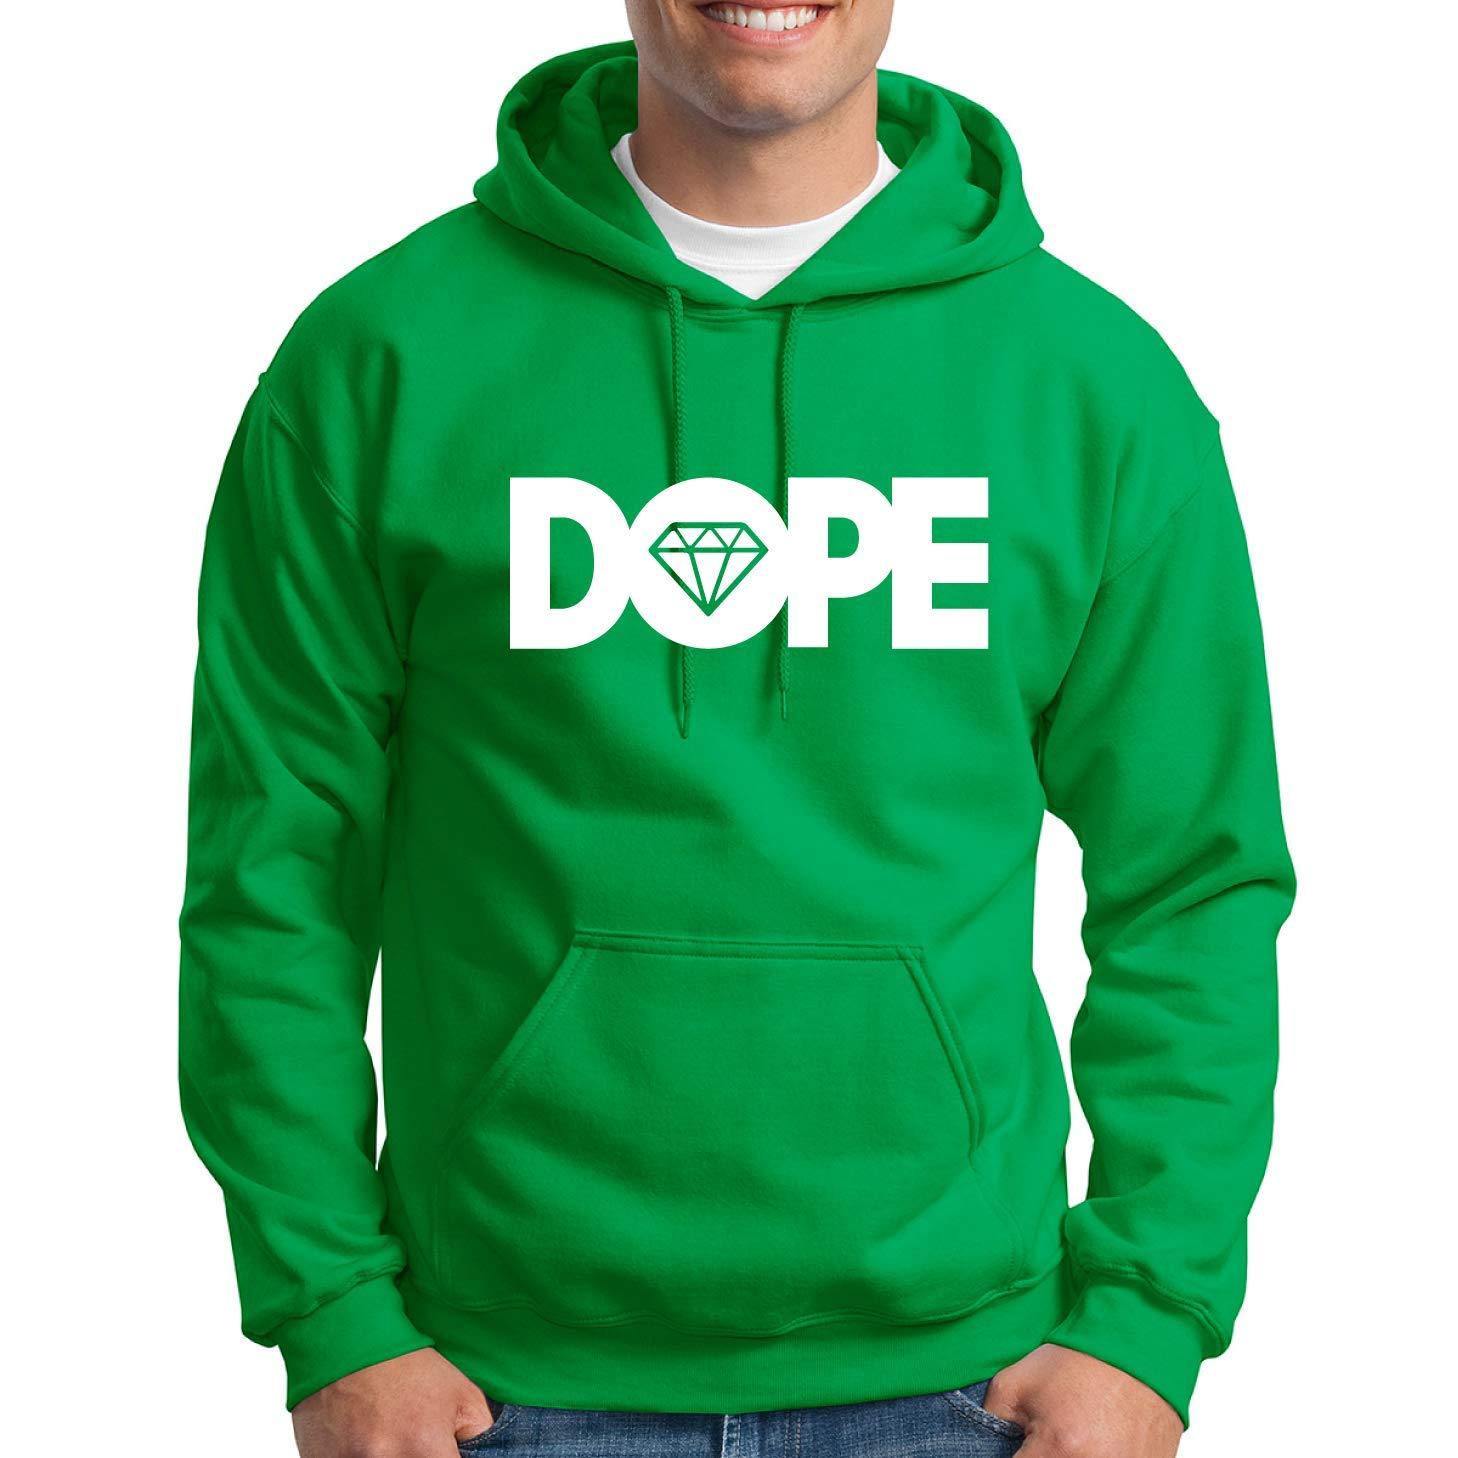 Diamond Dope - Sudadera con Capucha y Bolsillo: Amazon.es: Ropa y accesorios